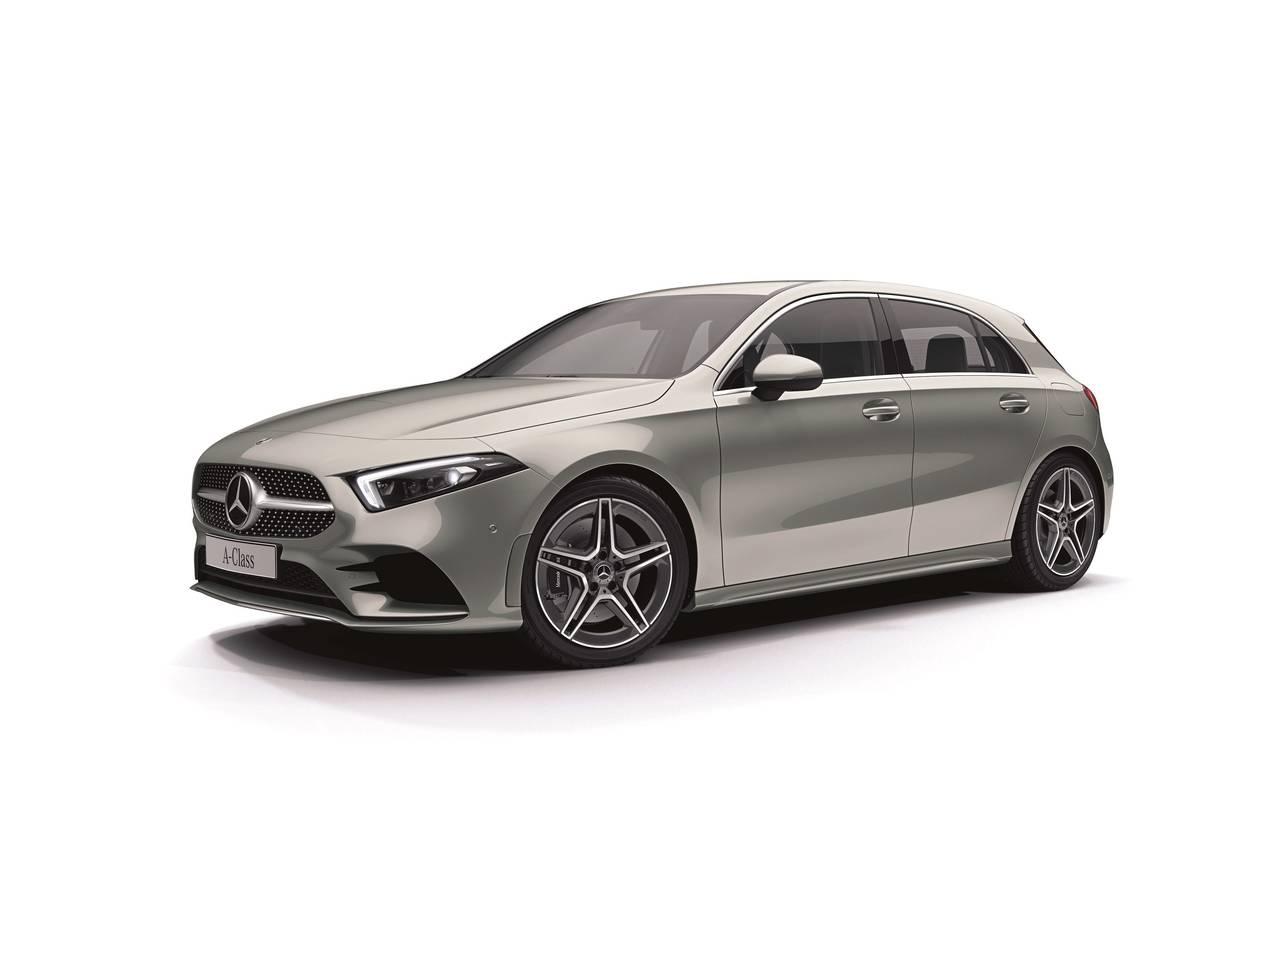 メルセデス新型「Aクラス」の注文受付を開始、特別限定車も設定!